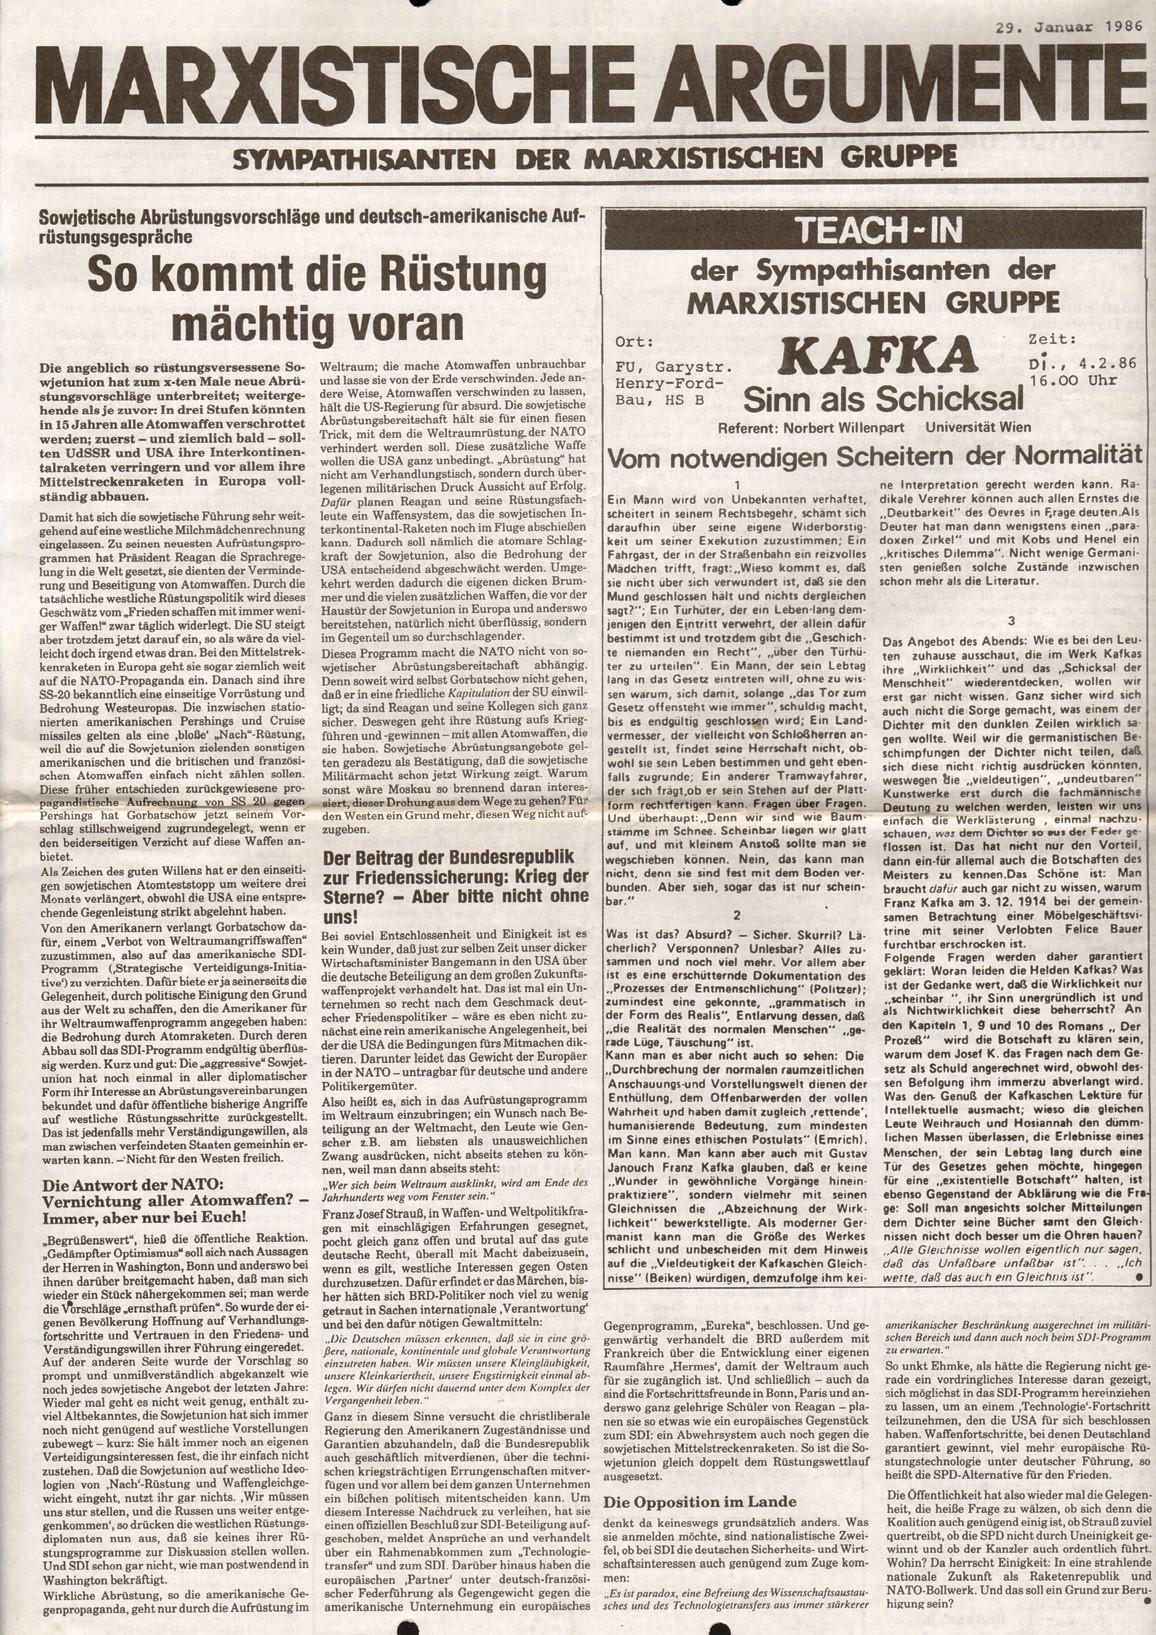 Berlin_MG_Symp_Argumente_19860129_01